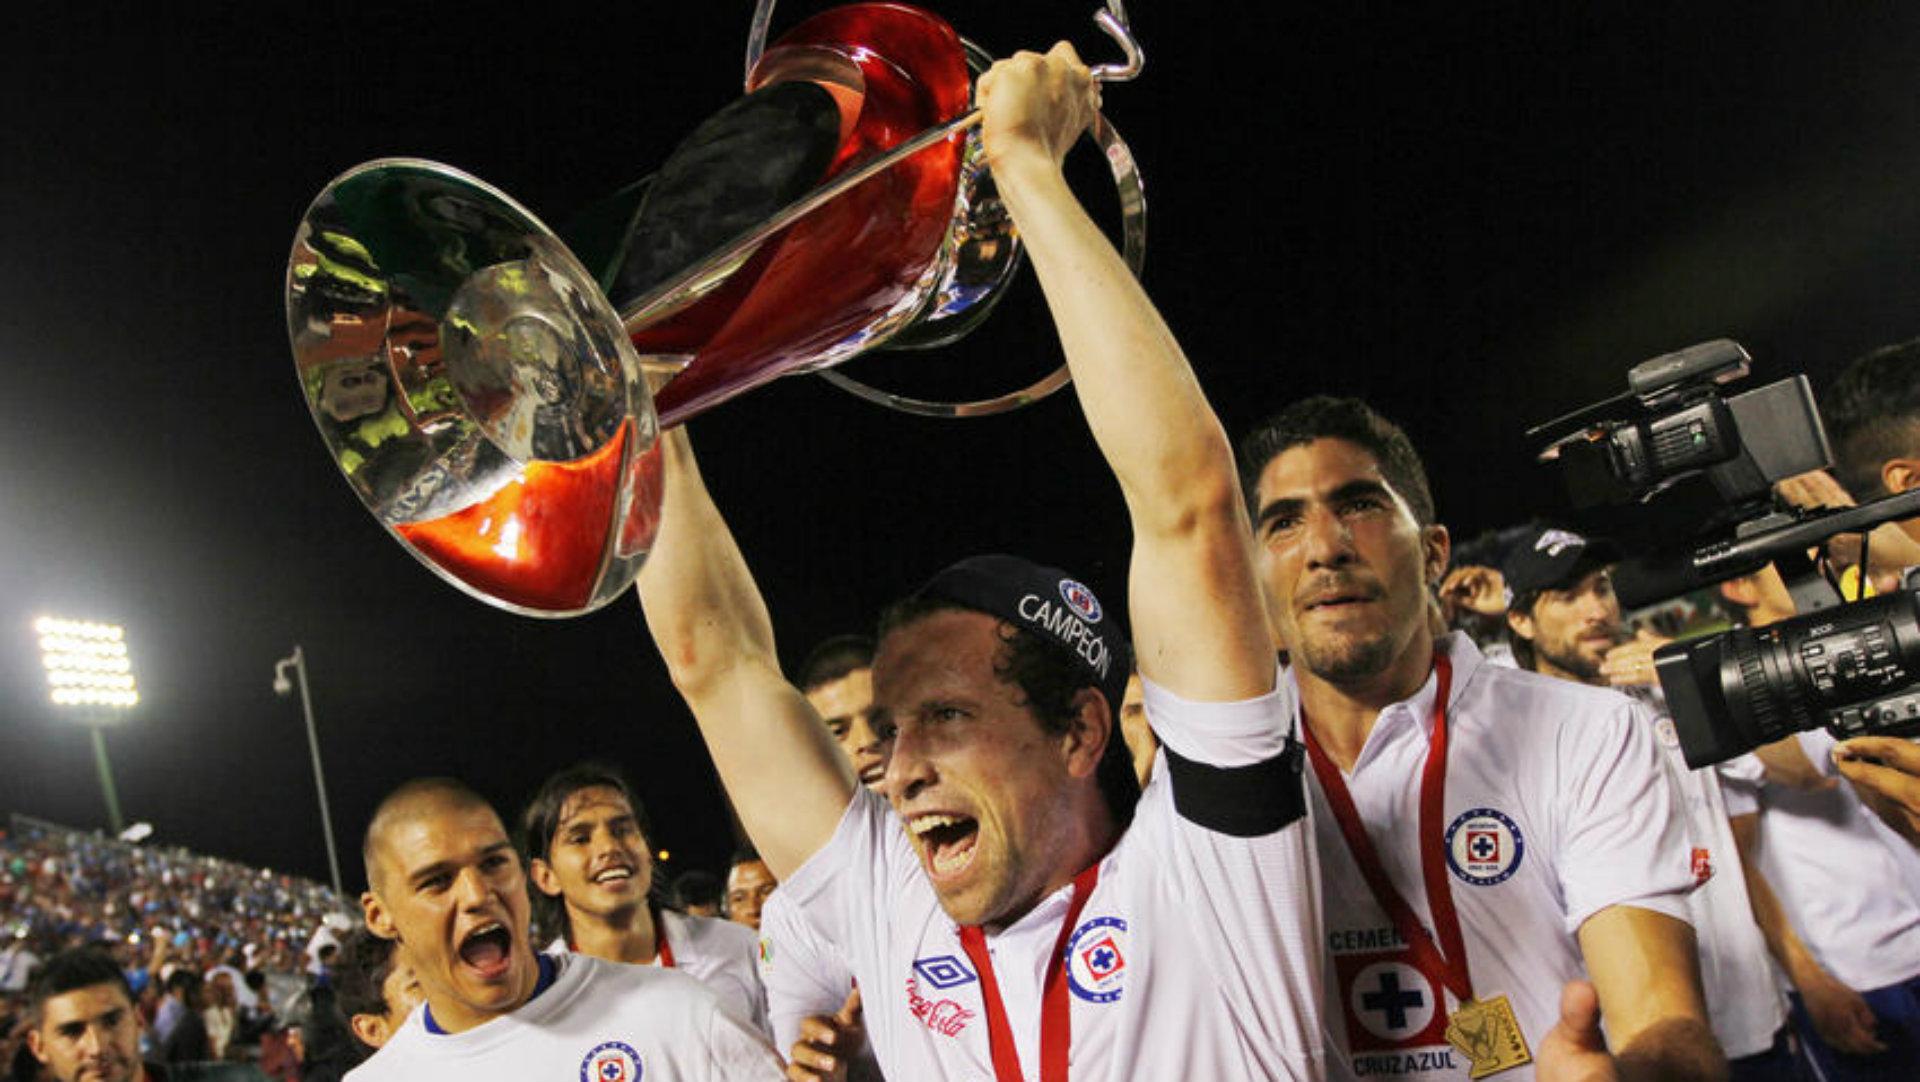 Cruz Azul campeón Copa MX Clausura 2013 Gerardo Torrado